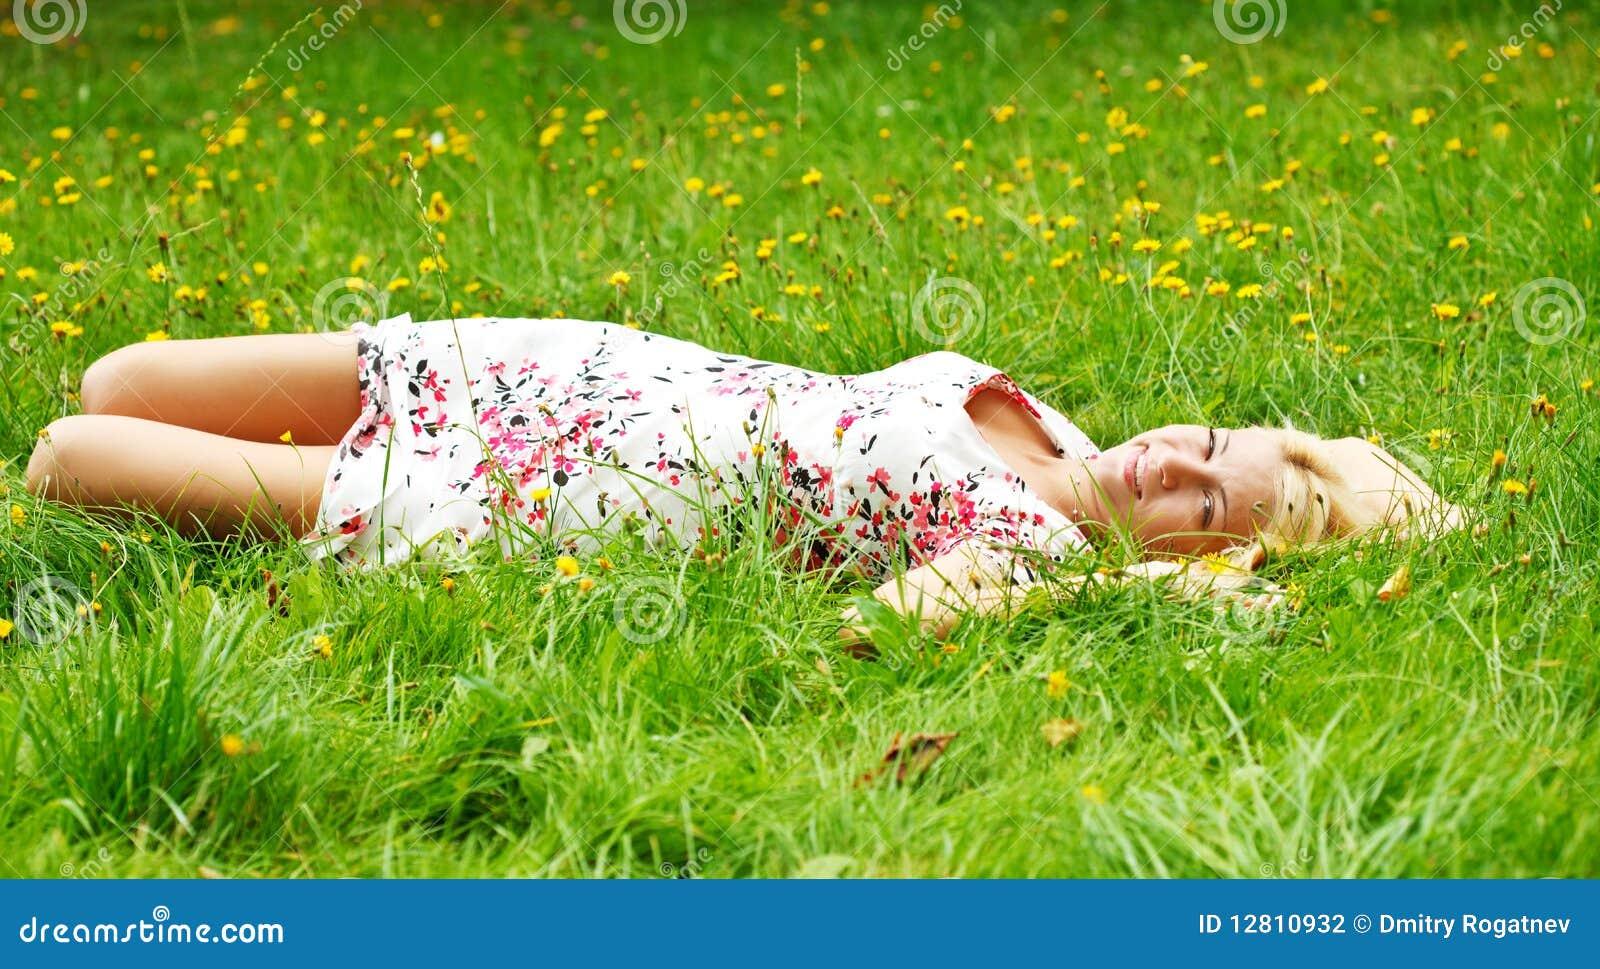 Rapariga que relaxa em um prado